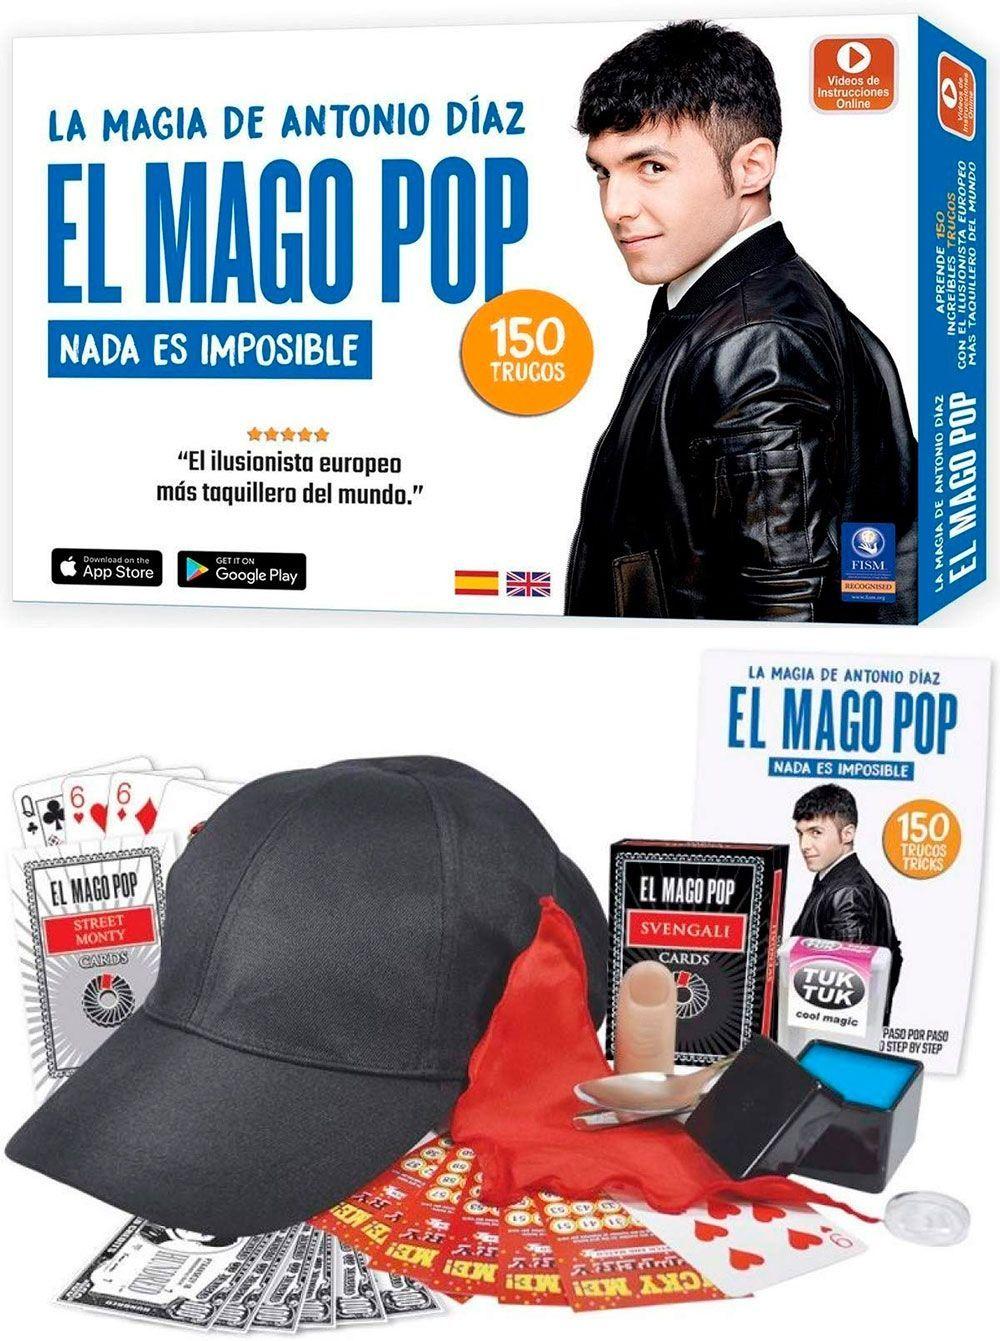 La Magia De Antonio Díaz El Mago Pop Nada Es Imposible 150 Trucos Mago Pop Espaciologopedico Magia Mago Trucos